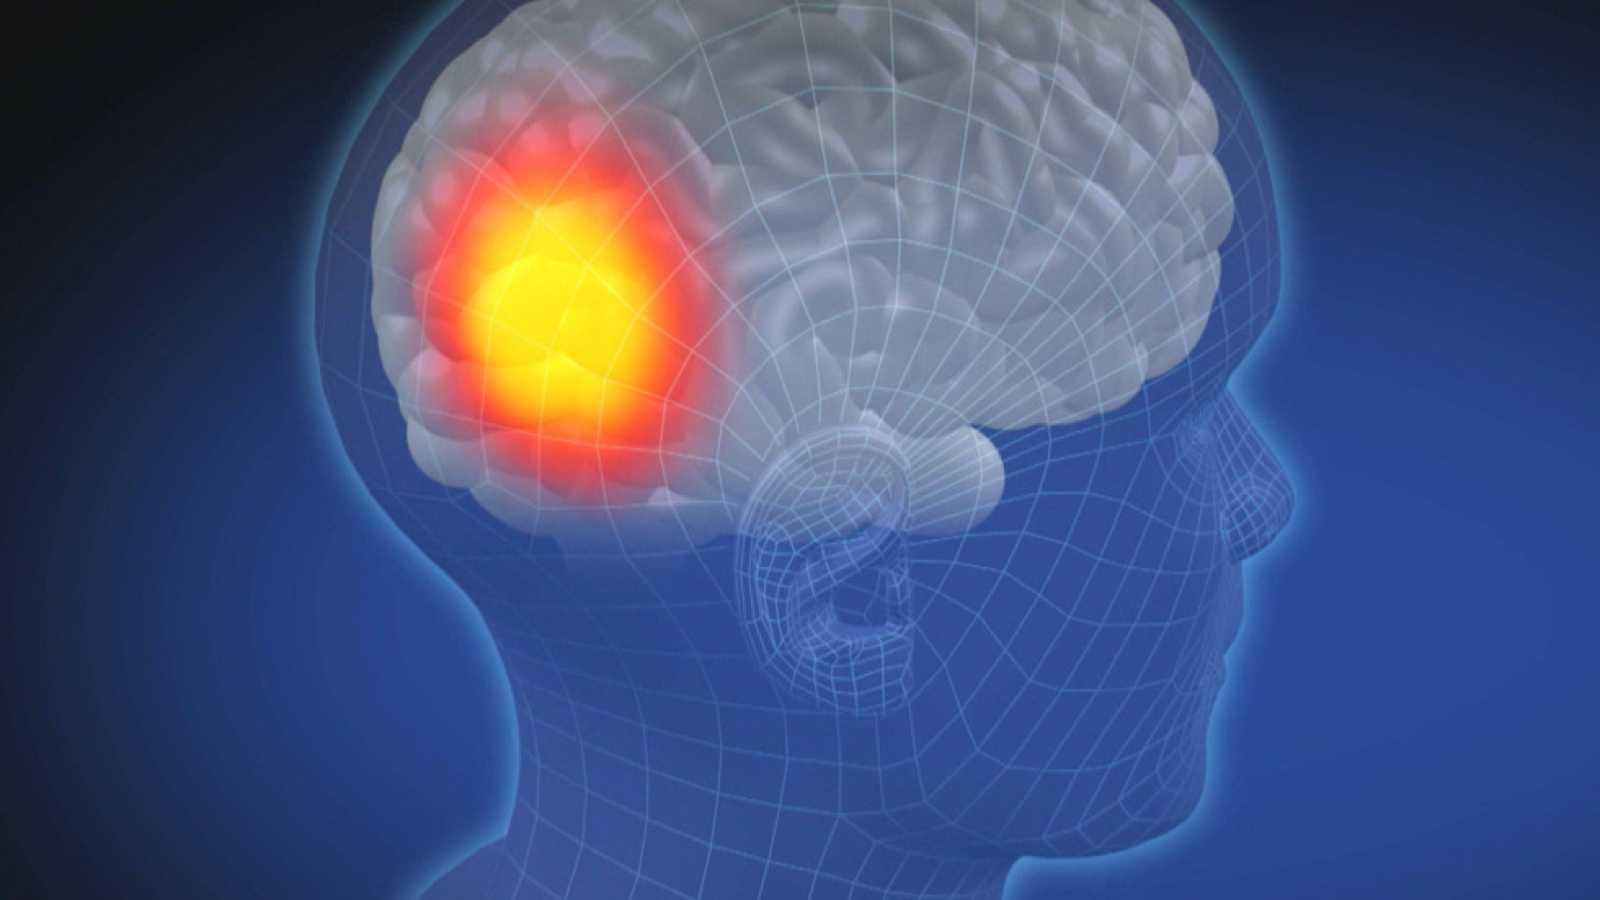 Dolor de cabeza frontal niebla cerebral